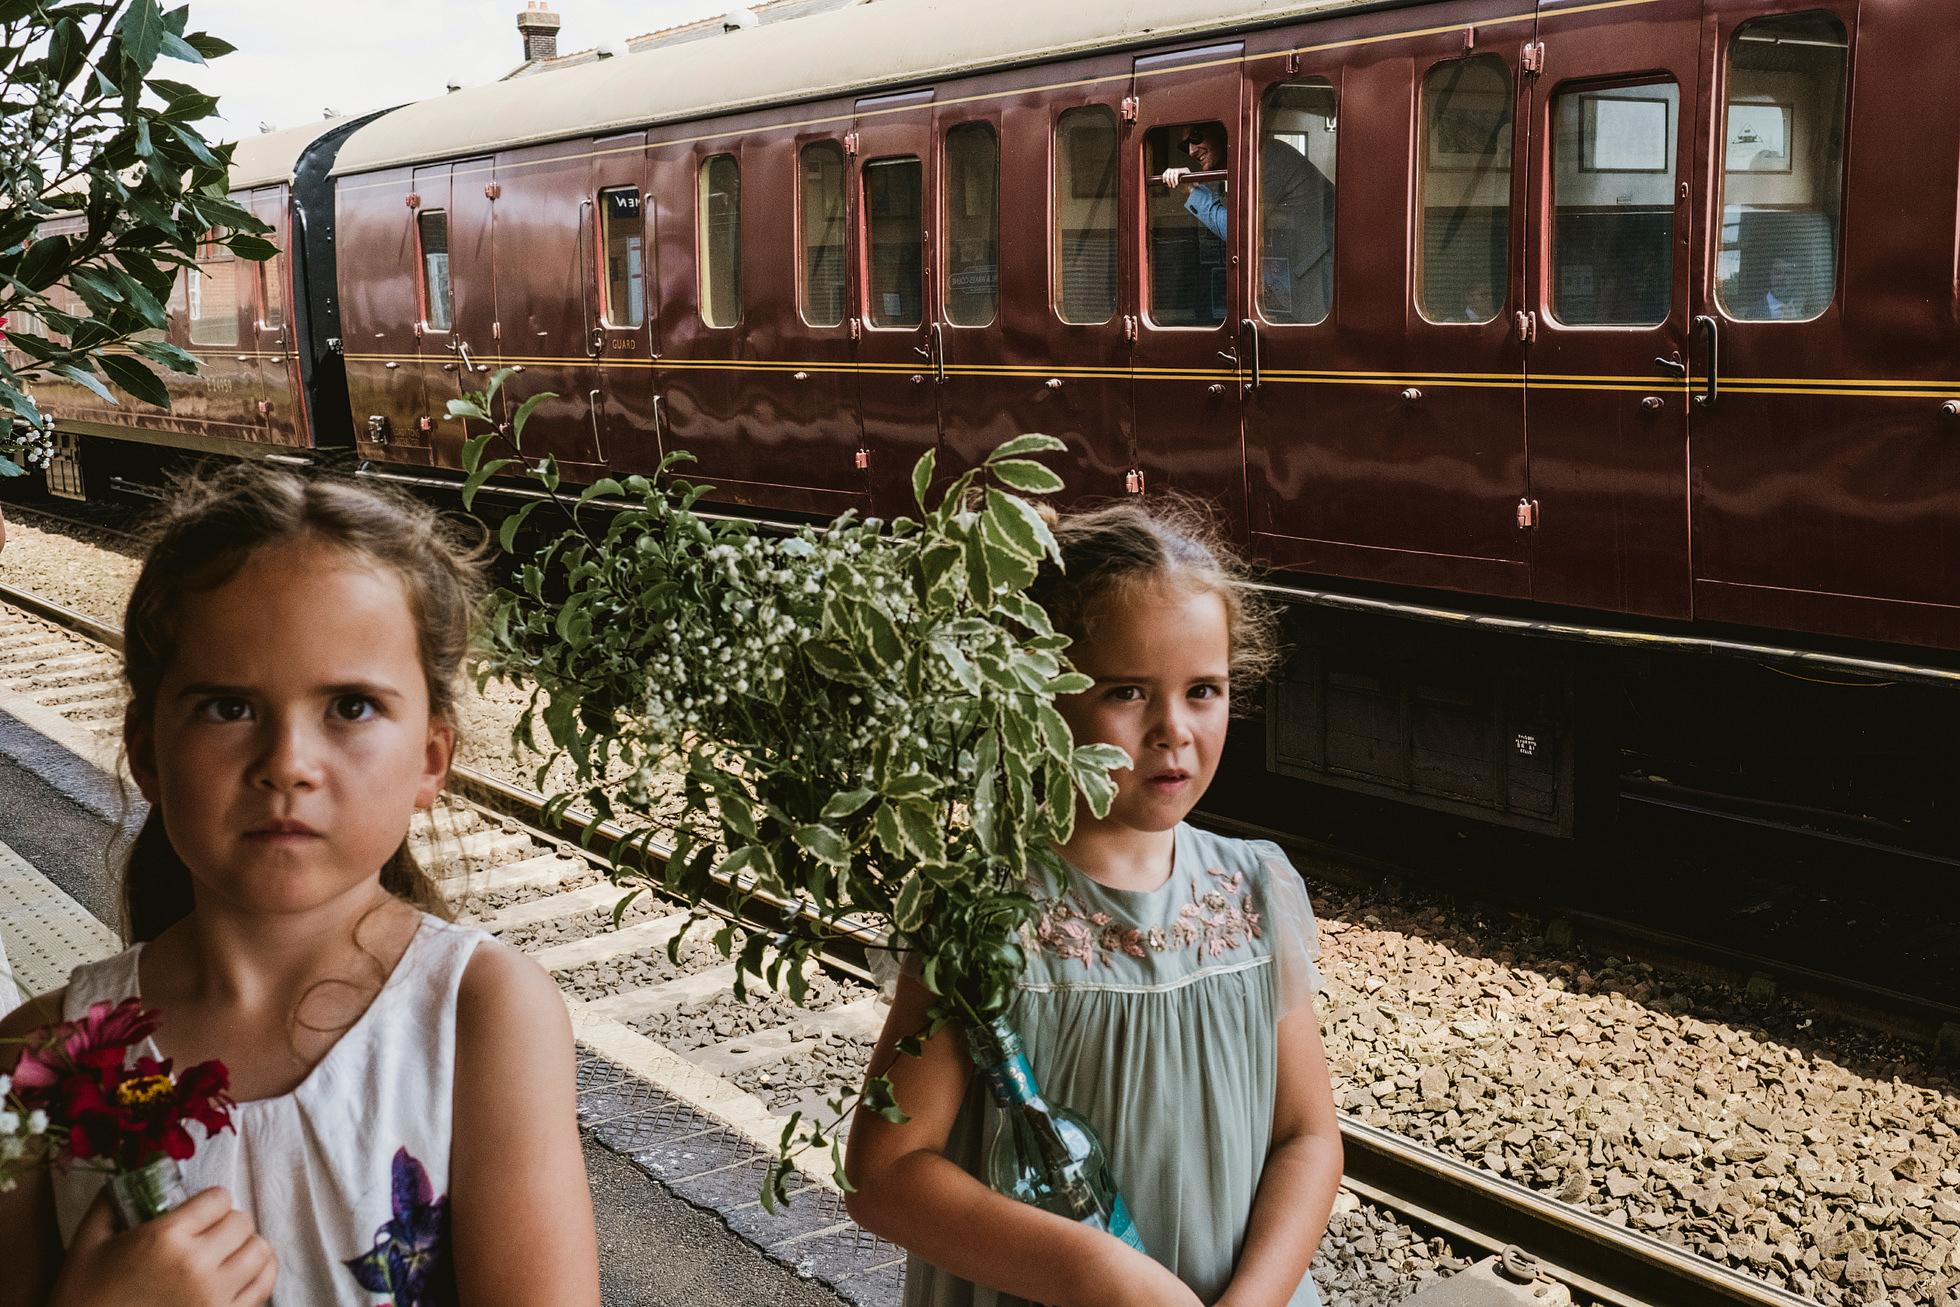 east anglian railway museum wedding photographer